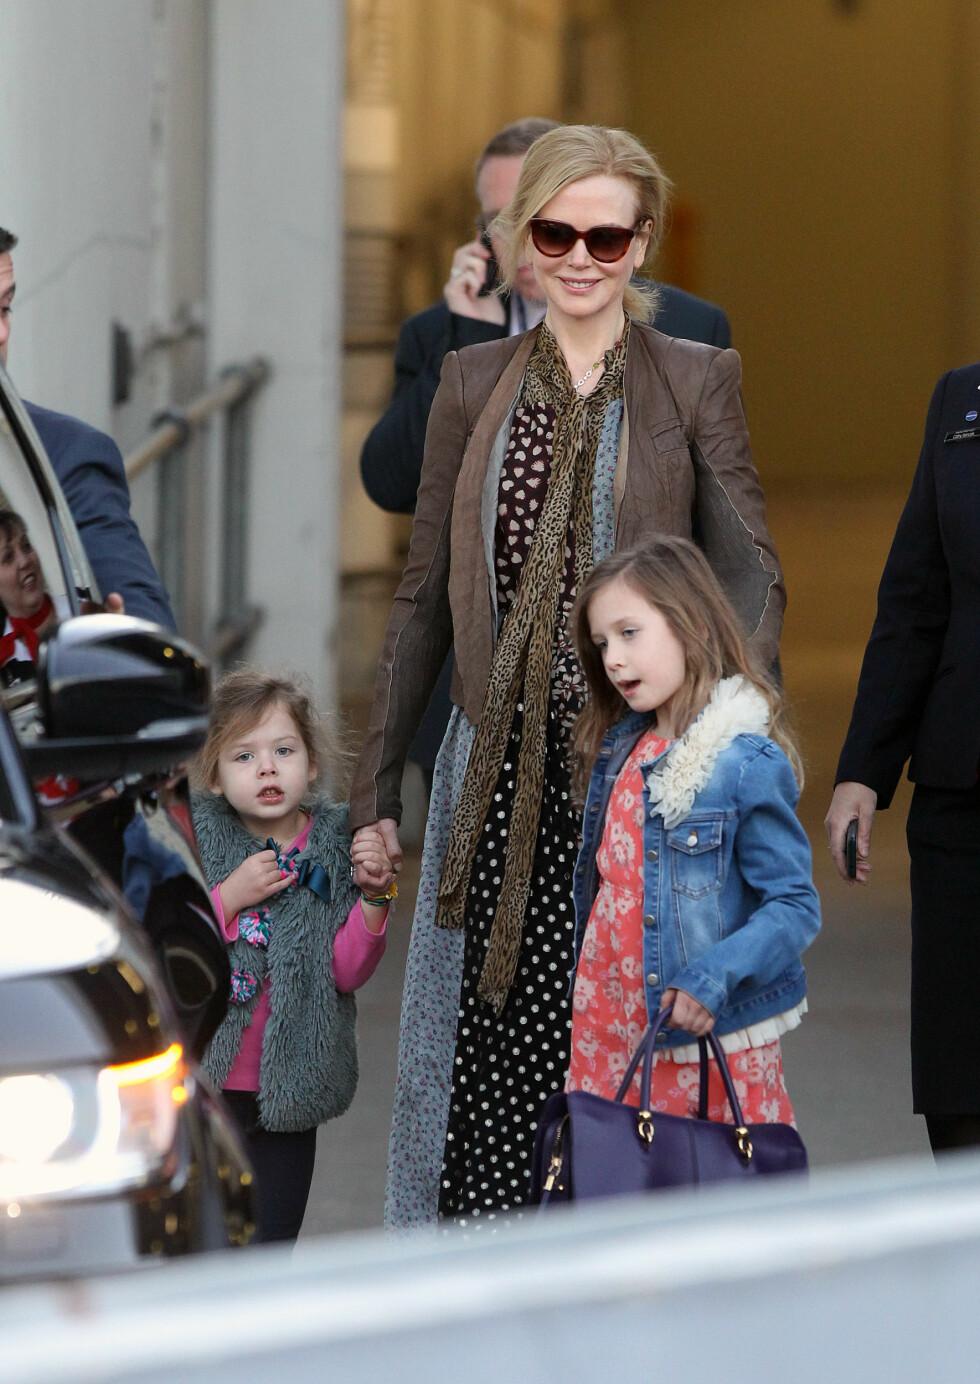 ELSKER MORSROLLEN: I dag finner Kidman trøst i døtrene sine når savnet etter faren blir for tungt. Foto: Splash News